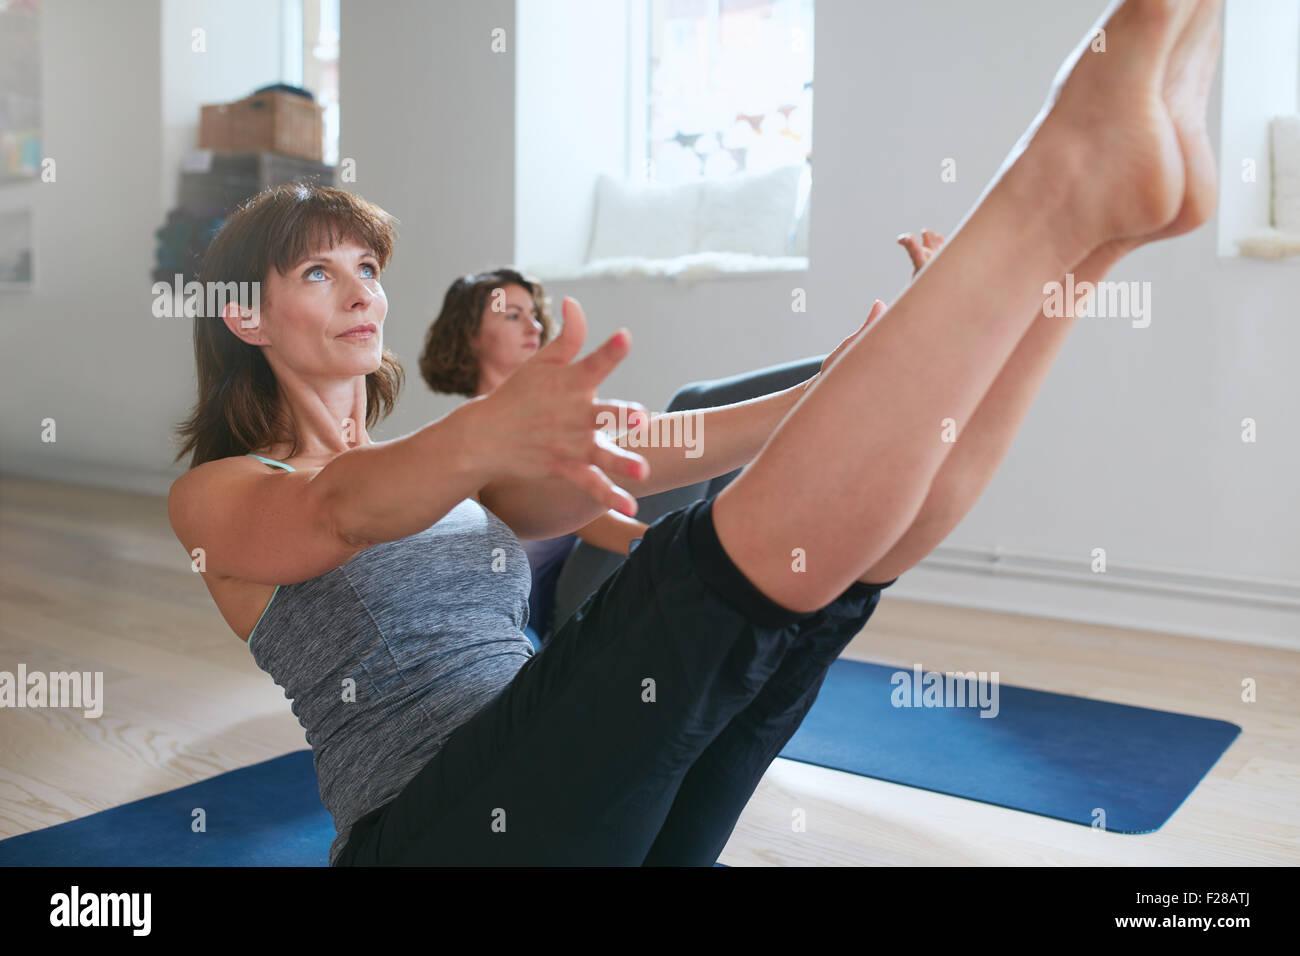 Le donne la pratica di stretching e yoga esercizio di allenamento insieme in un club benessere palestra di formazione Immagini Stock